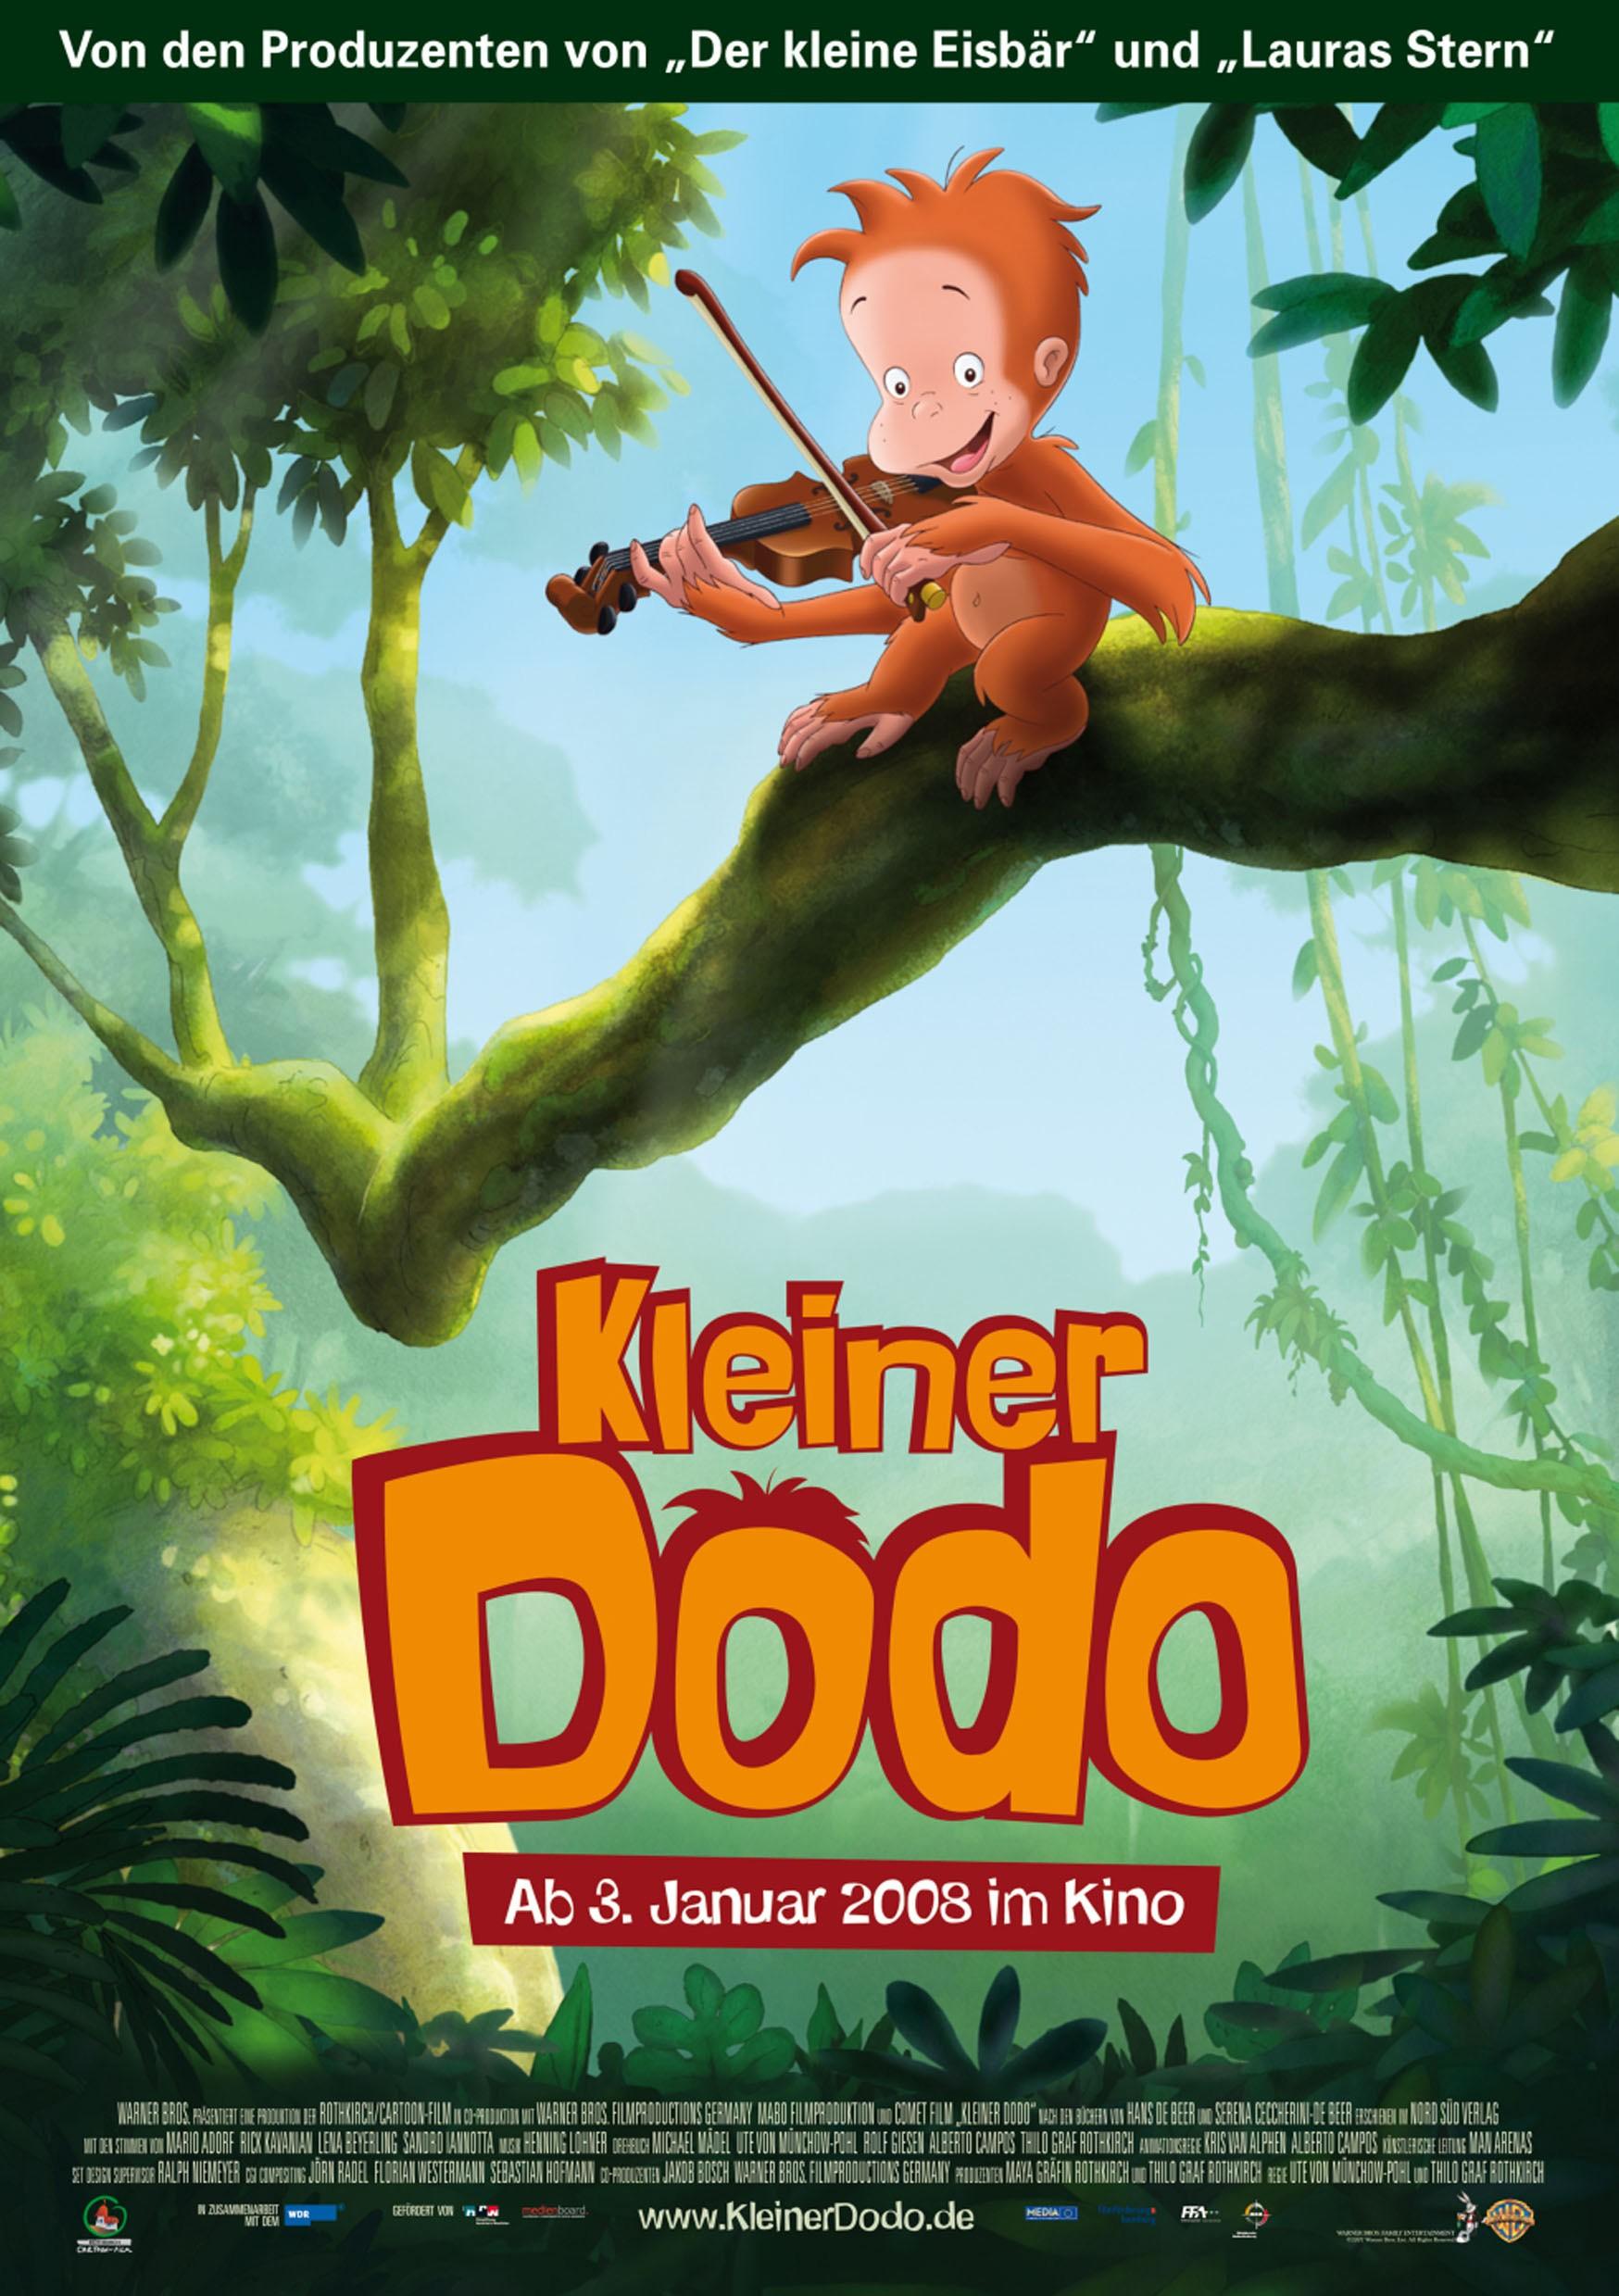 Kleiner_Dodo-Kino-Film